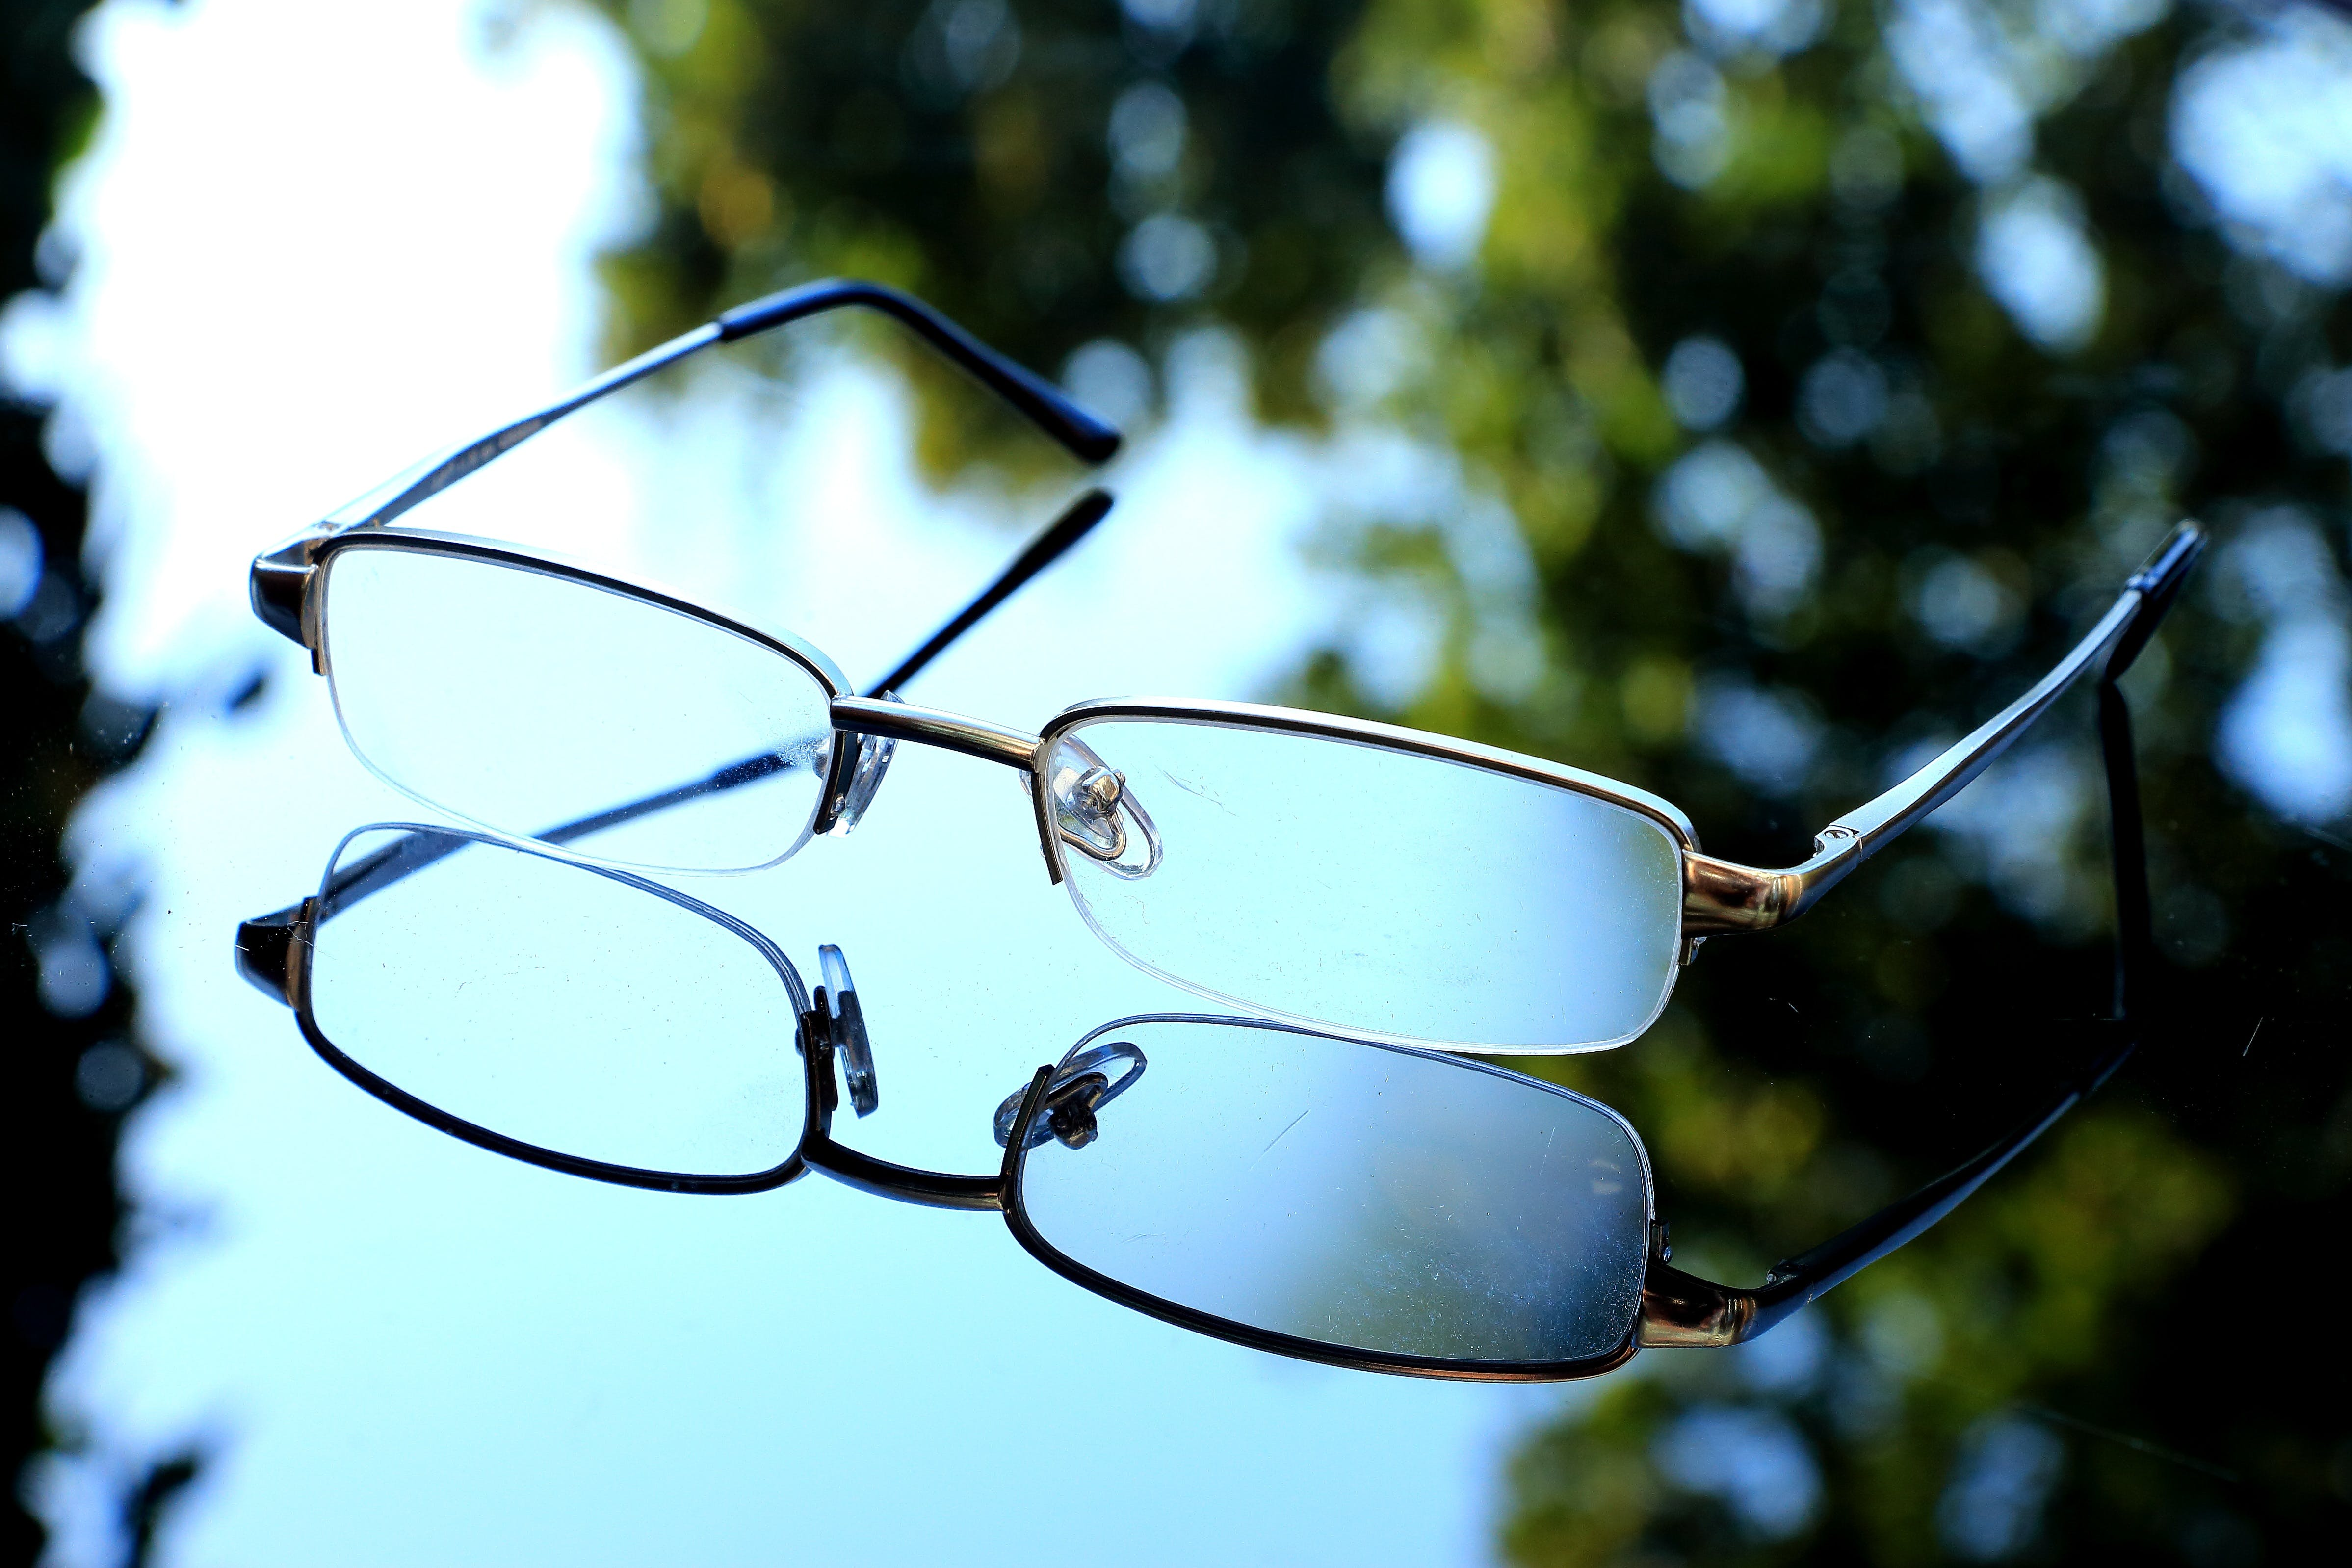 Macro Photography of Eyeglasses